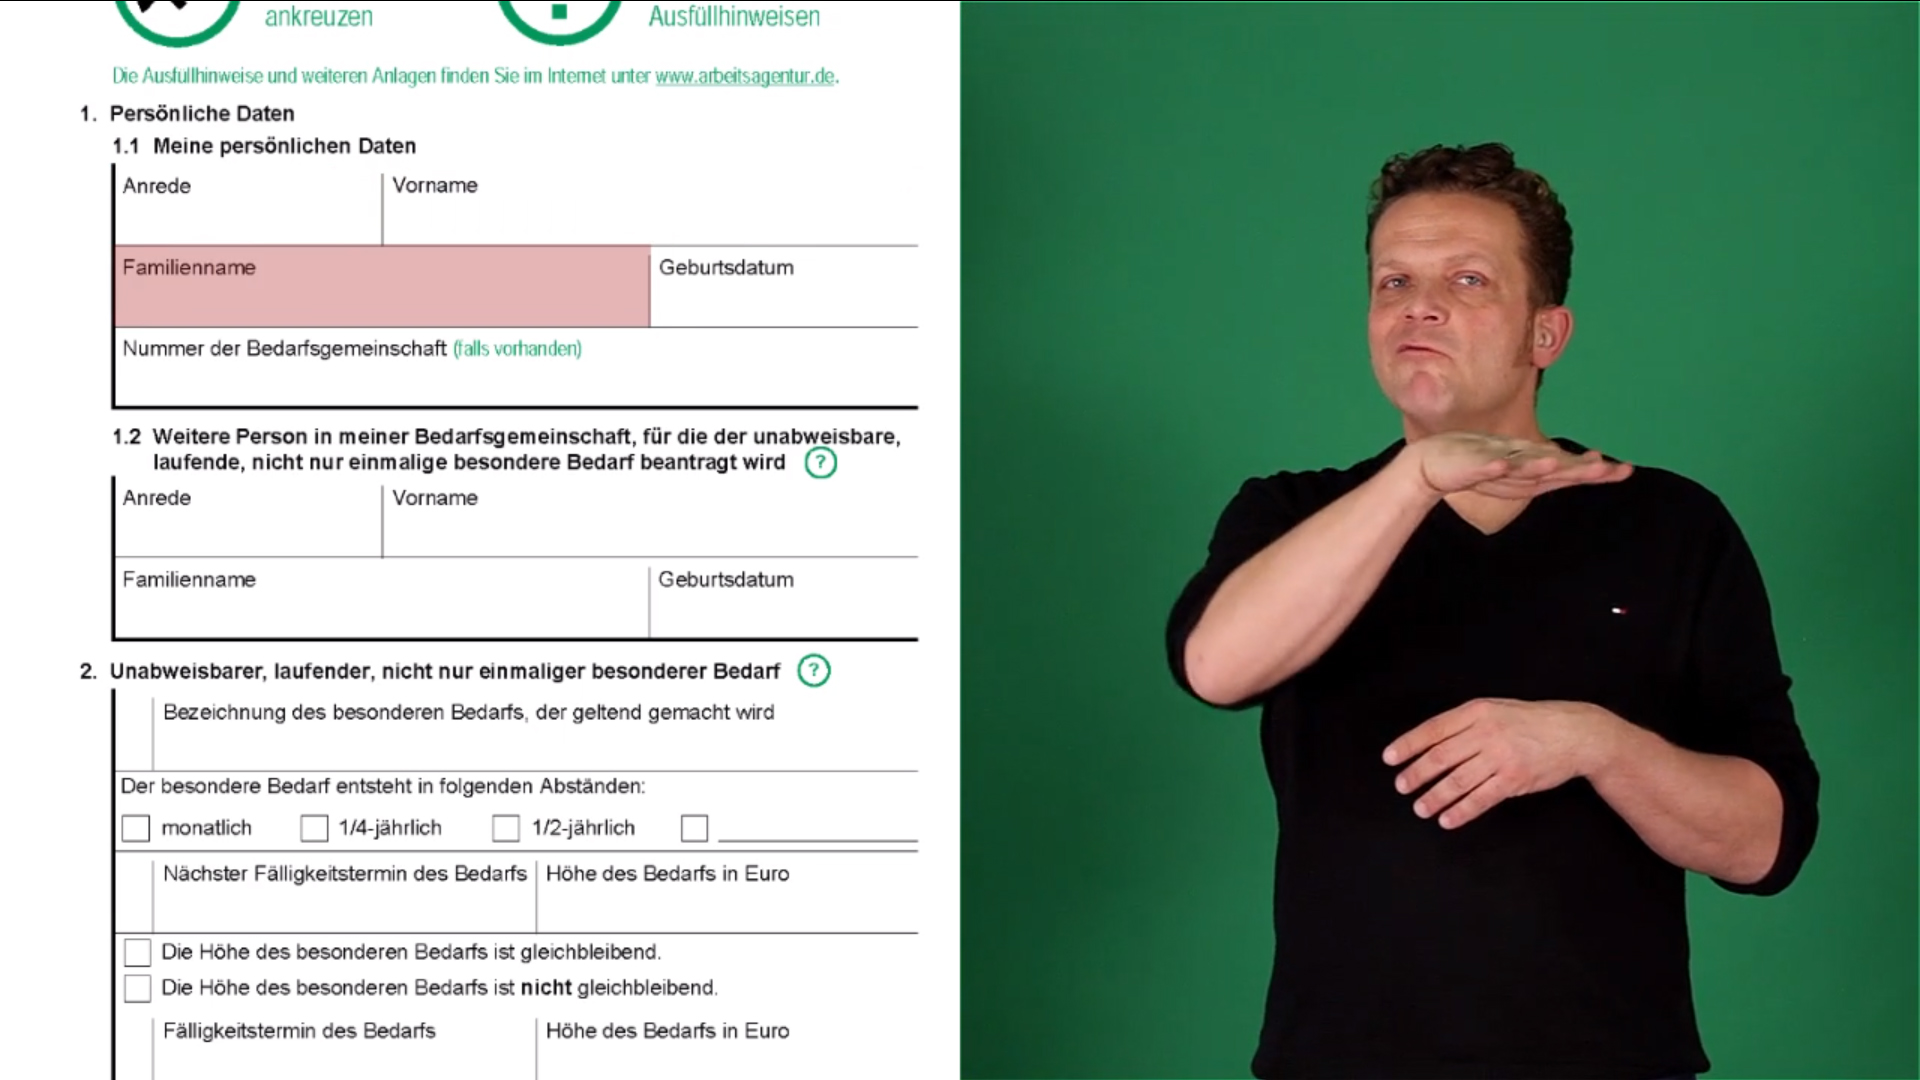 Jobcenterformulare in deutscher Gebärdensprache